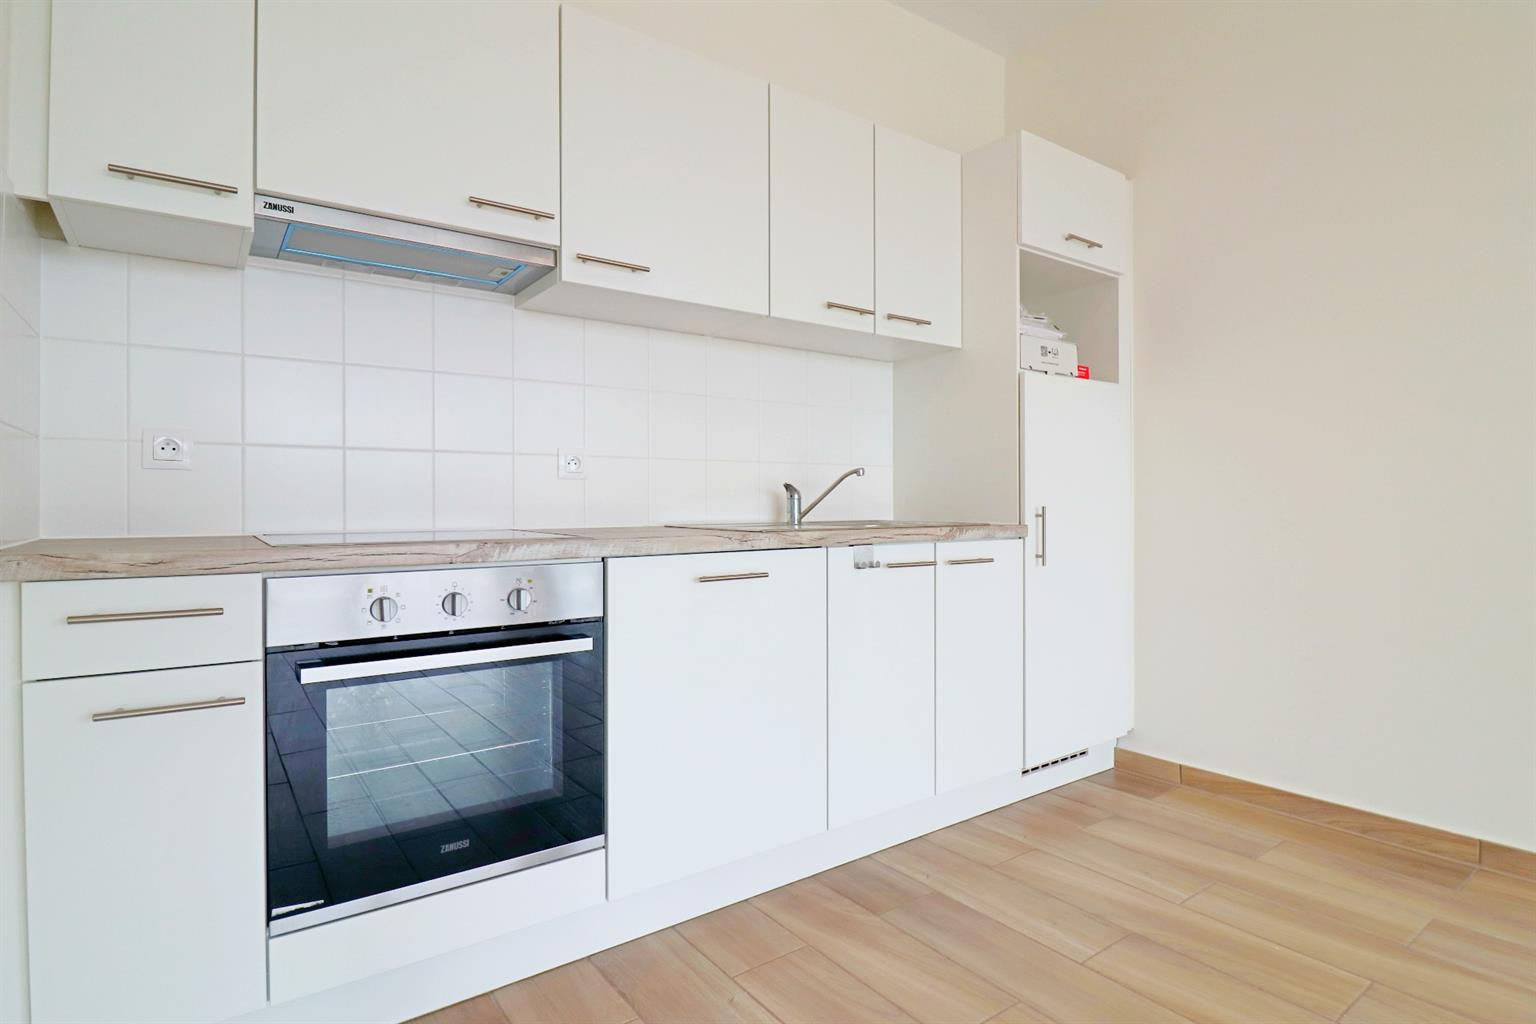 Appartement - Ottignies-Louvain-la-Neuve - #4406875-3